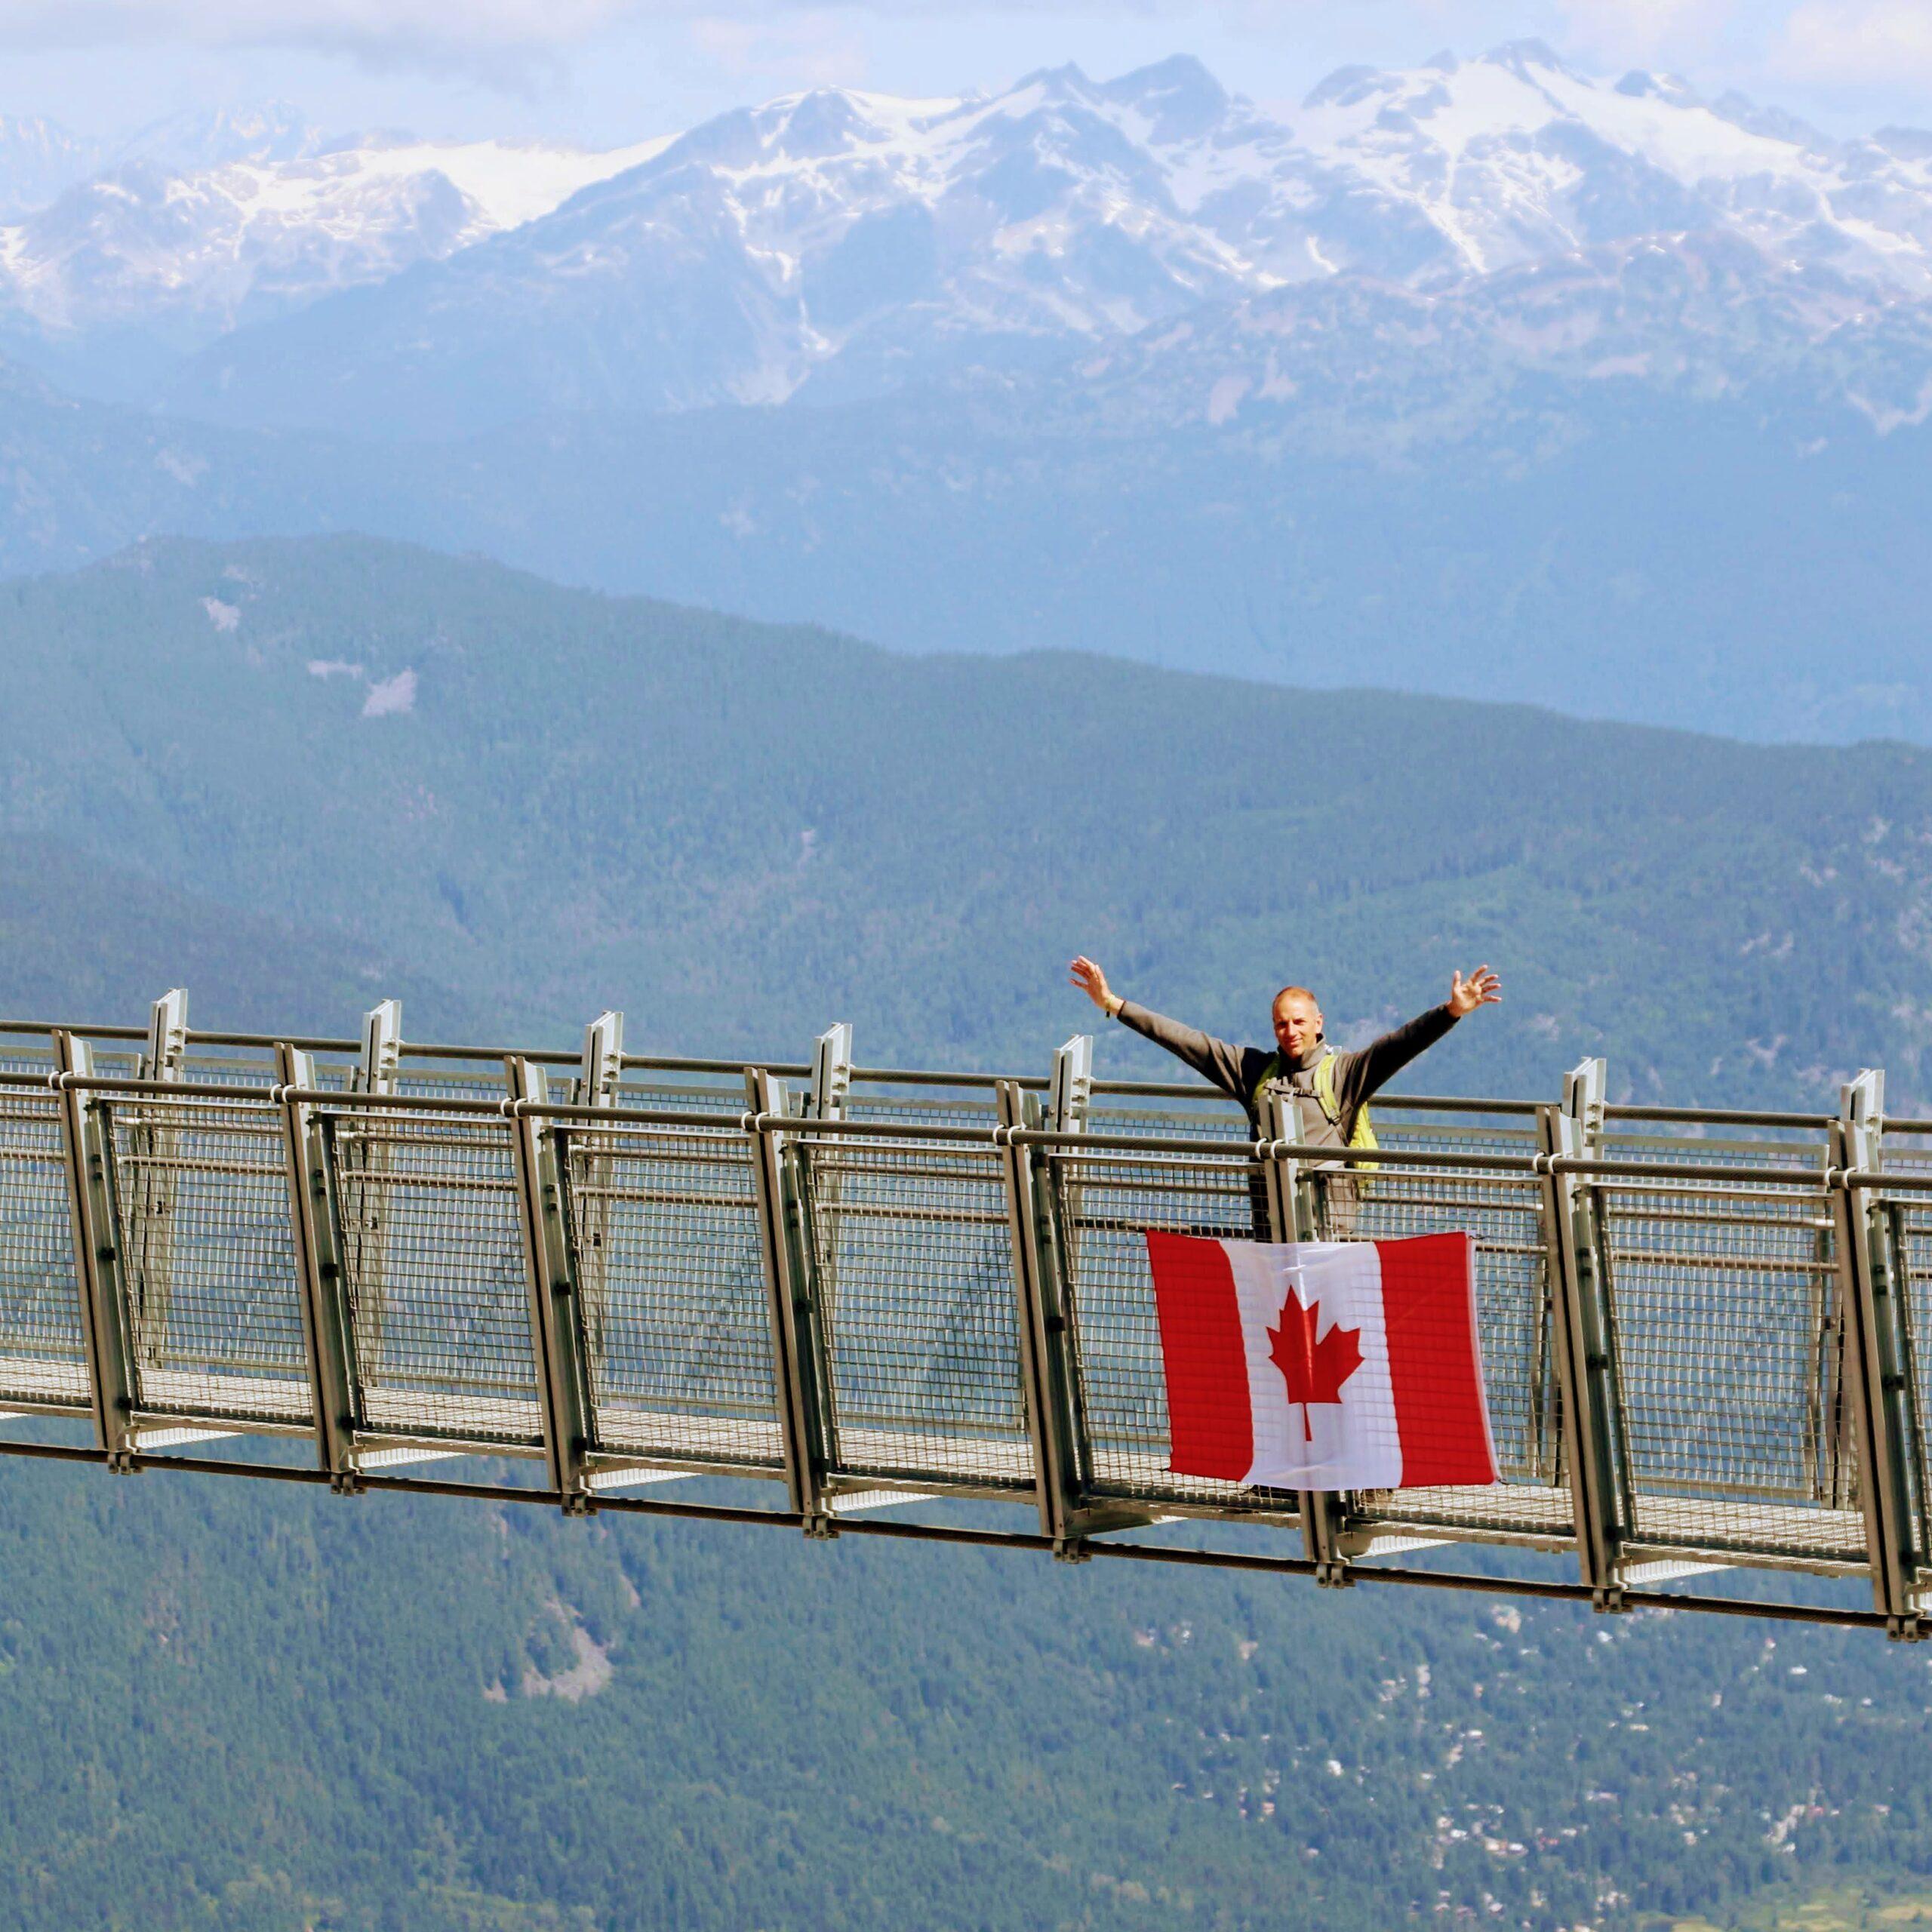 Hangbruggen in Canada